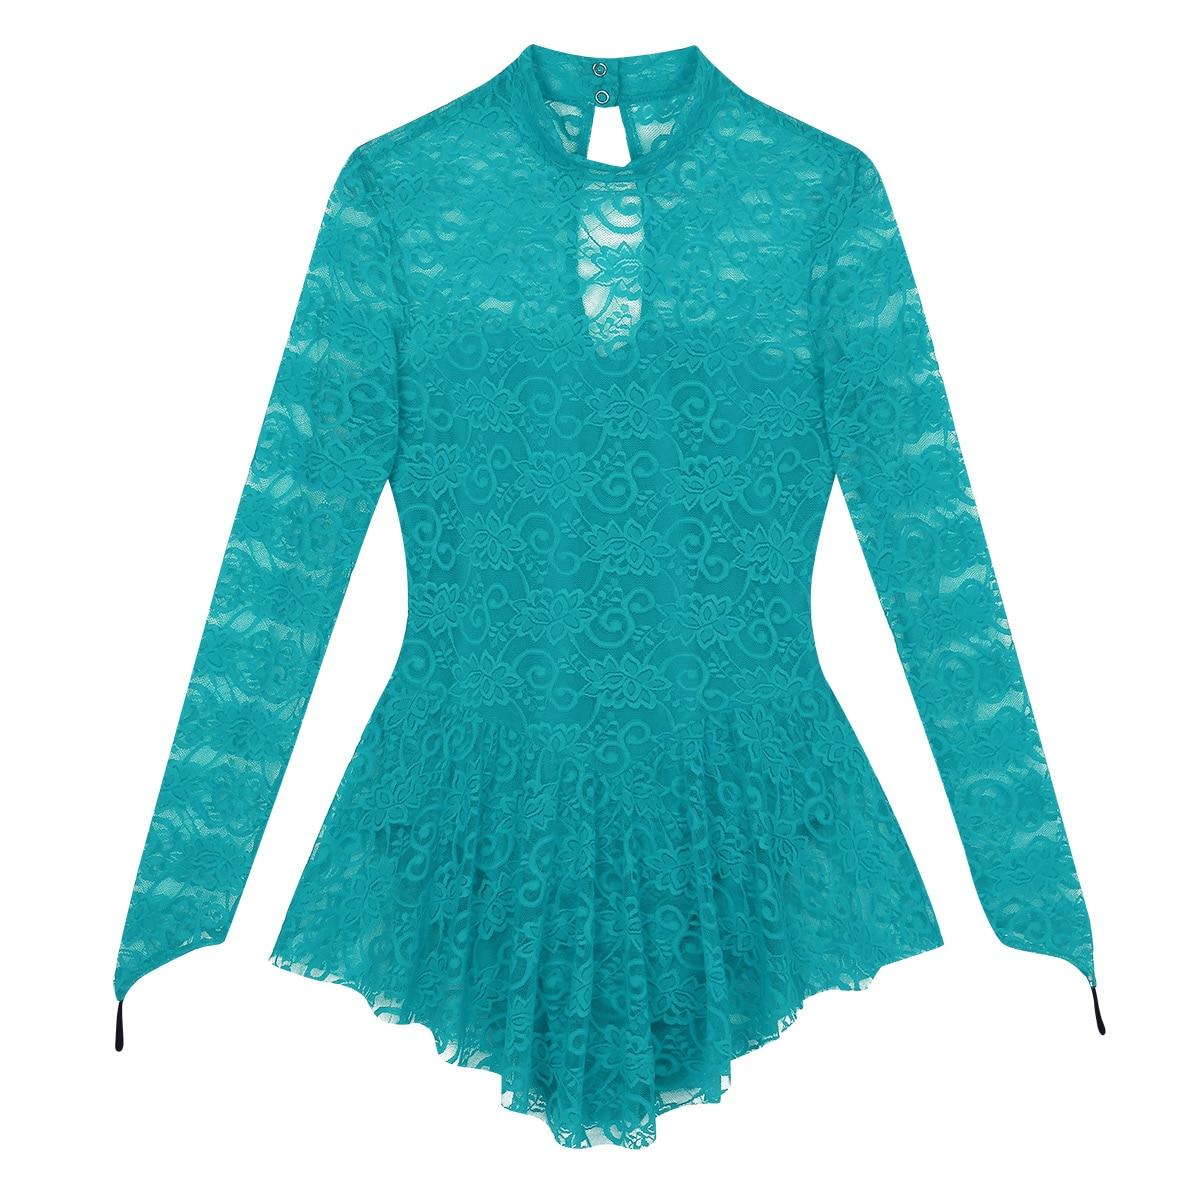 Image 3 - TiaoBug для взрослых с длинным рукавом мягкие кружевные балетные гимнастические леотарды женское платье конькобежное лирические танцевальные костюмыБалет    АлиЭкспресс